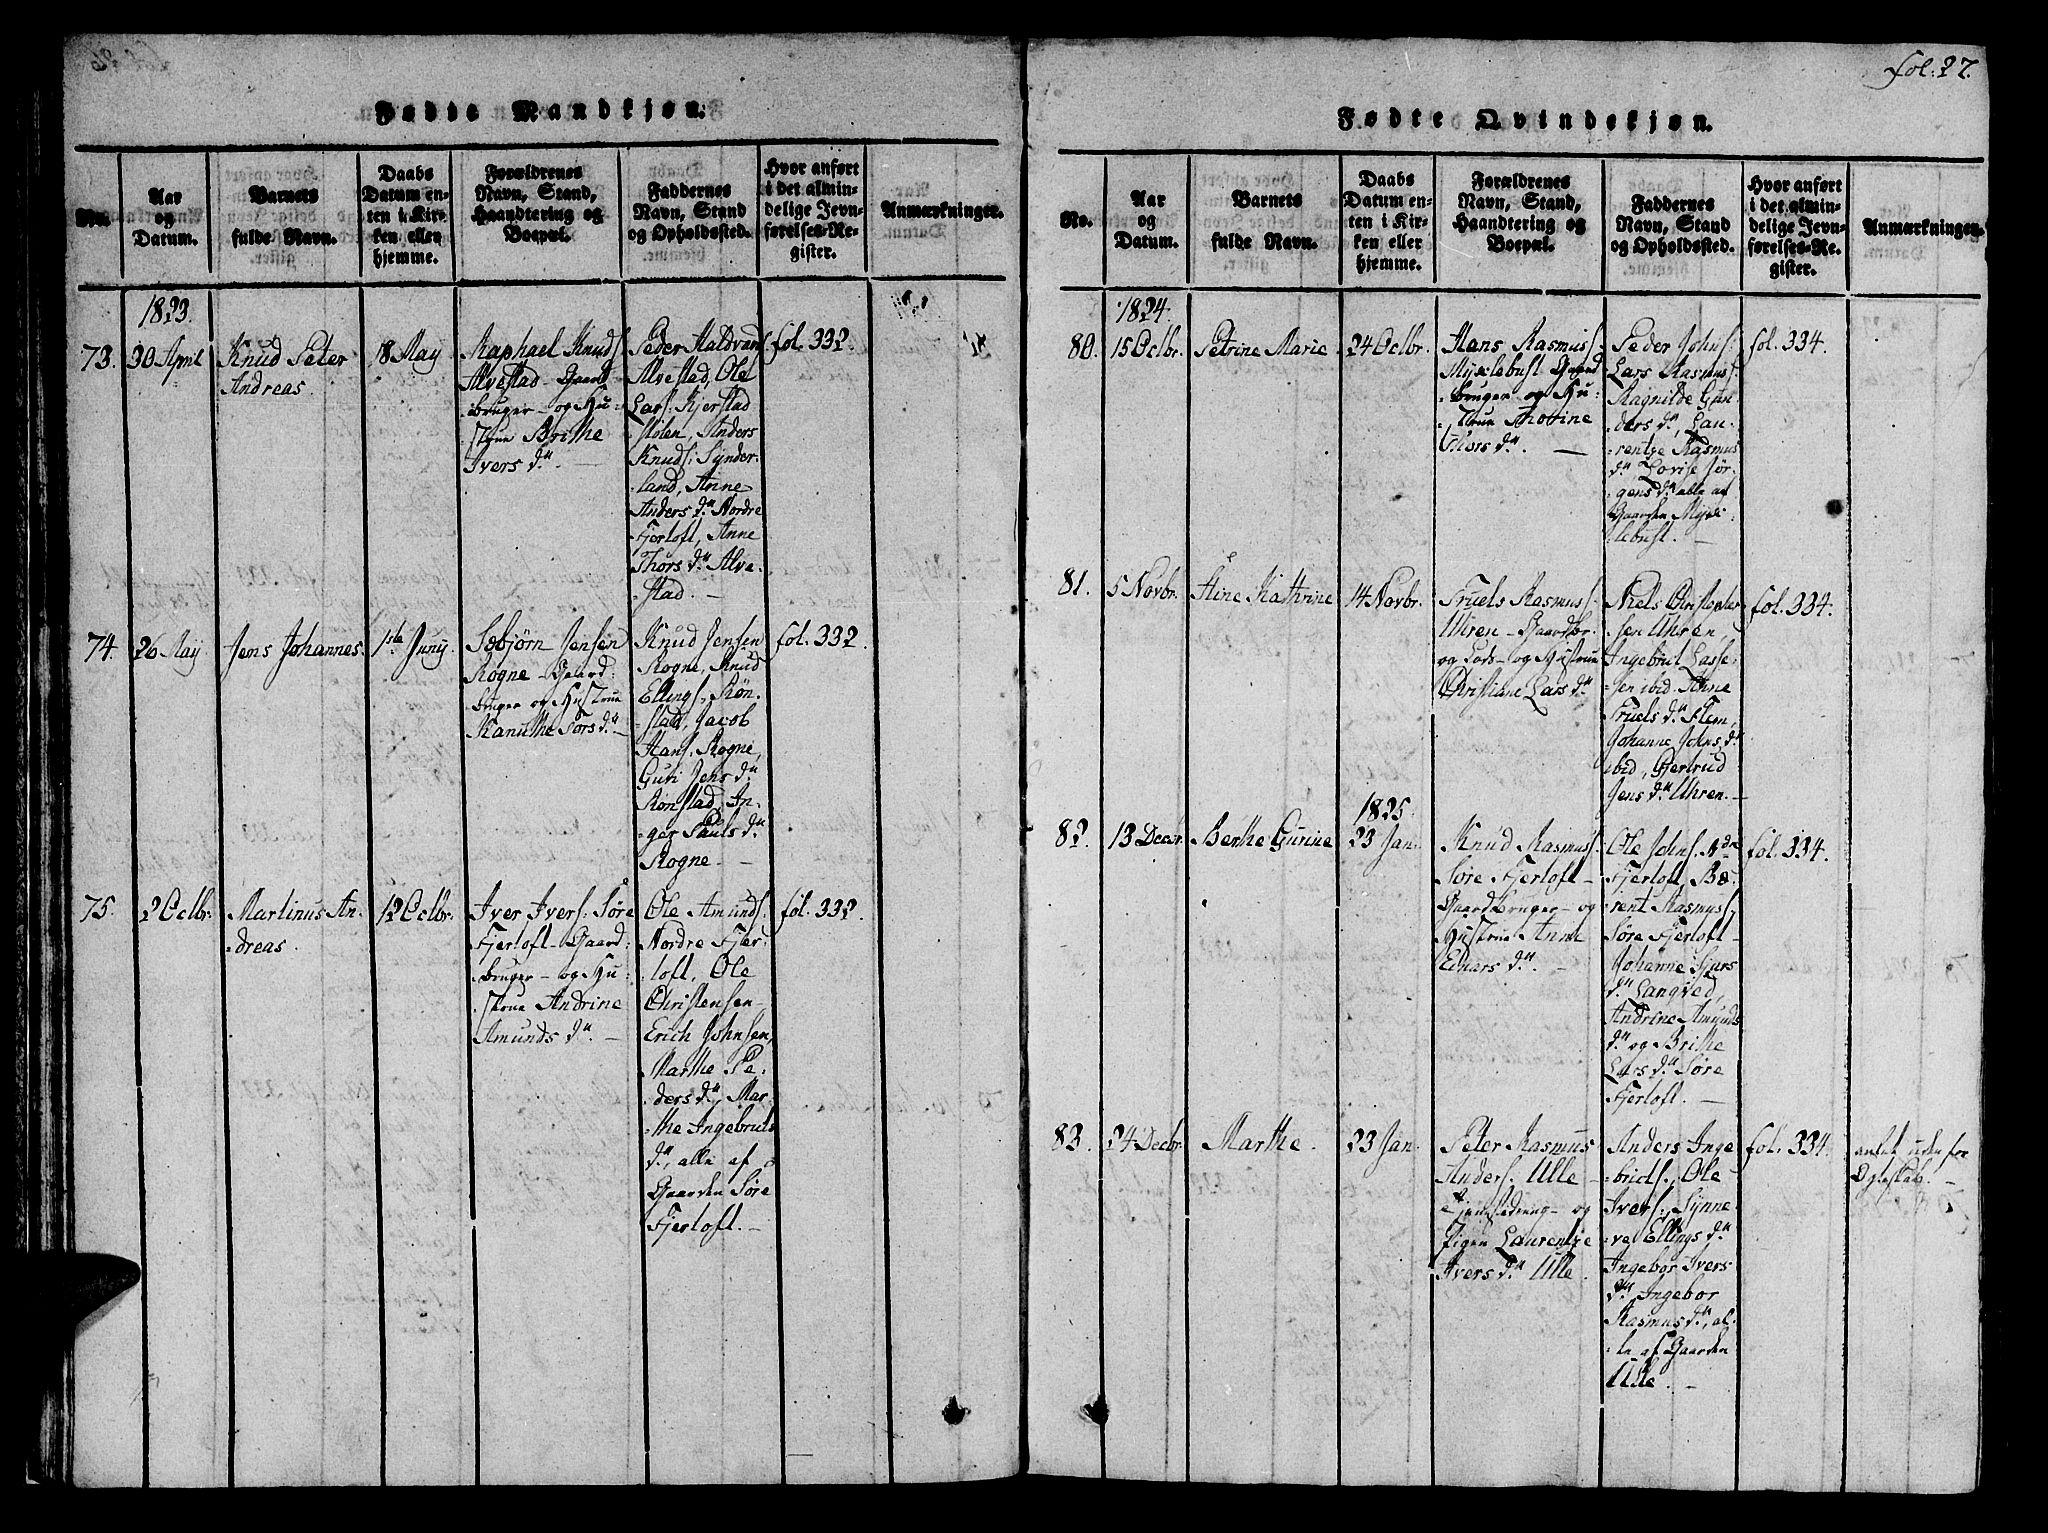 SAT, Ministerialprotokoller, klokkerbøker og fødselsregistre - Møre og Romsdal, 536/L0495: Ministerialbok nr. 536A04, 1818-1847, s. 27